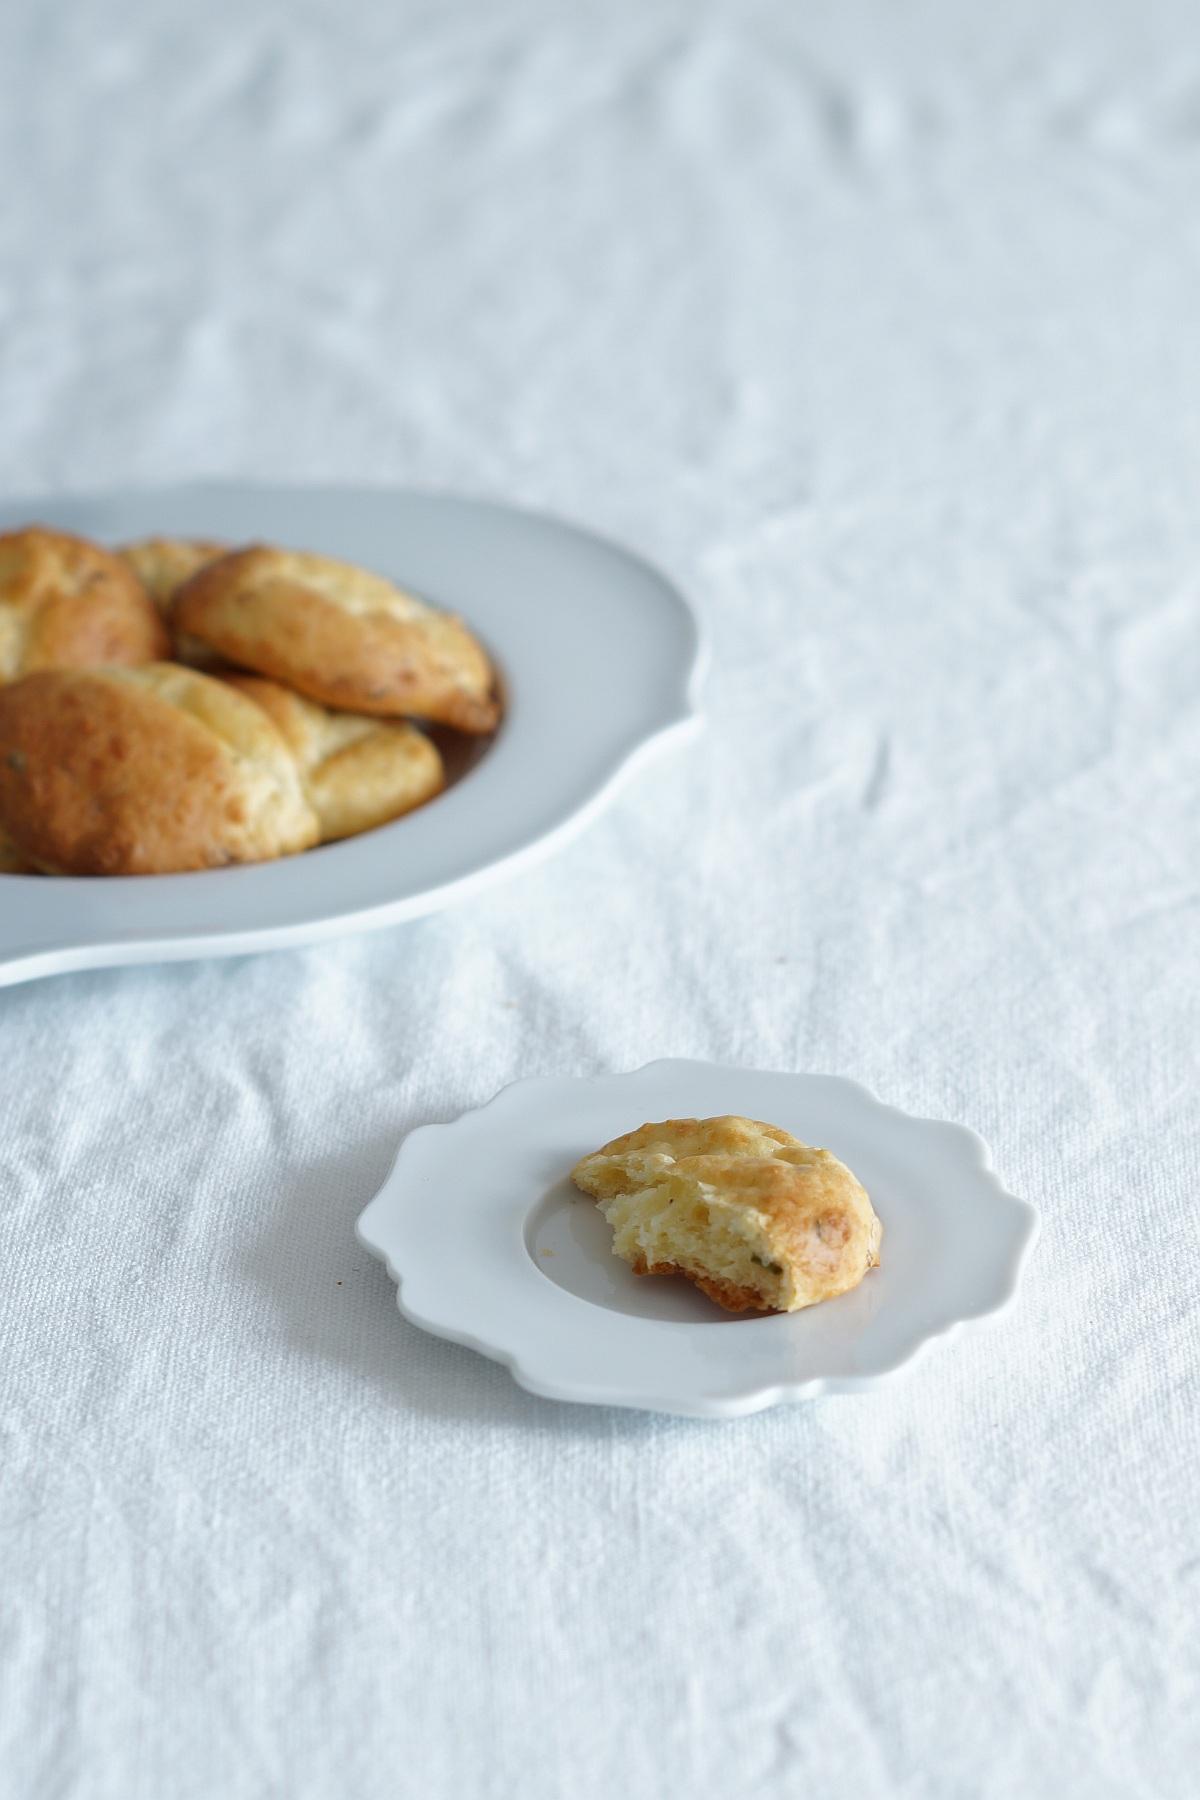 Rezept für Käse-Kräuter-Scones | Foto: Sabine Wittig